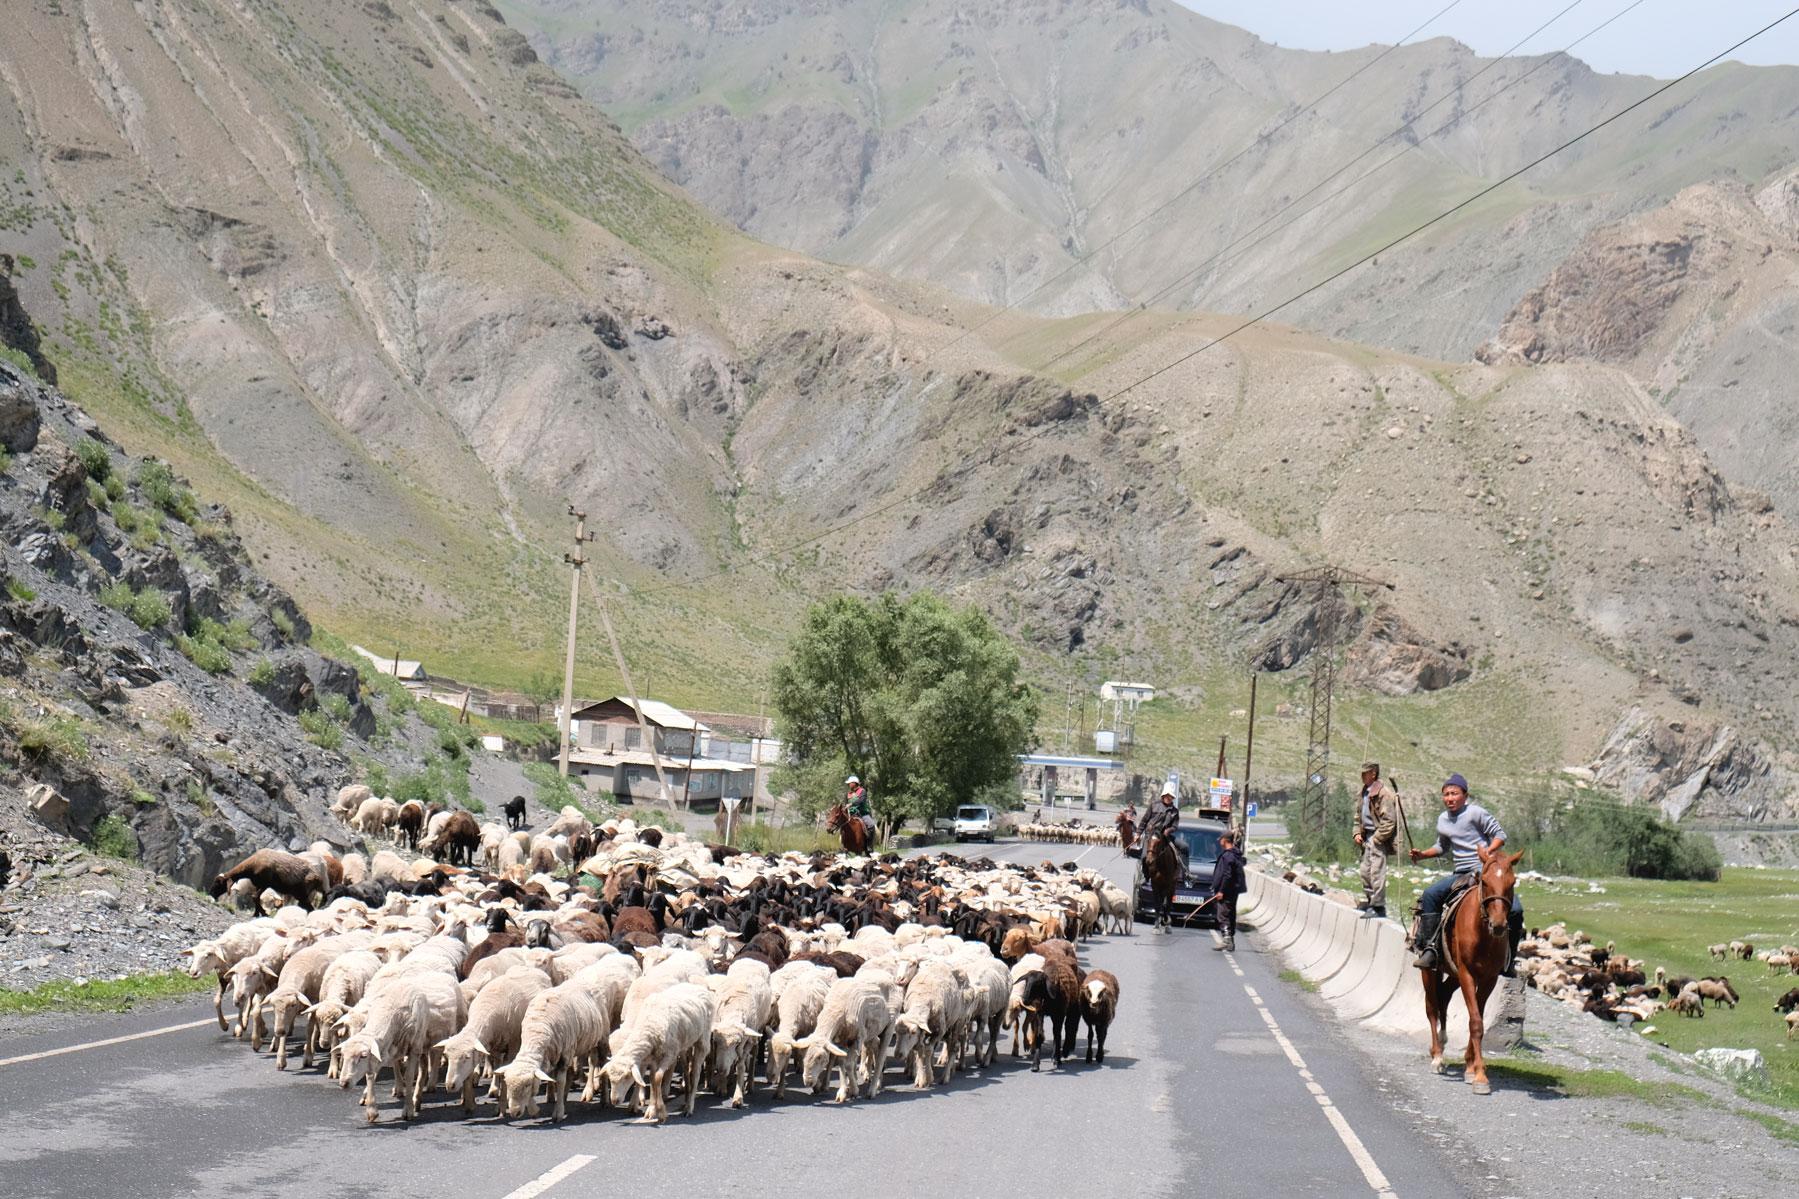 Eine Schafherde läuft über eine Straße.